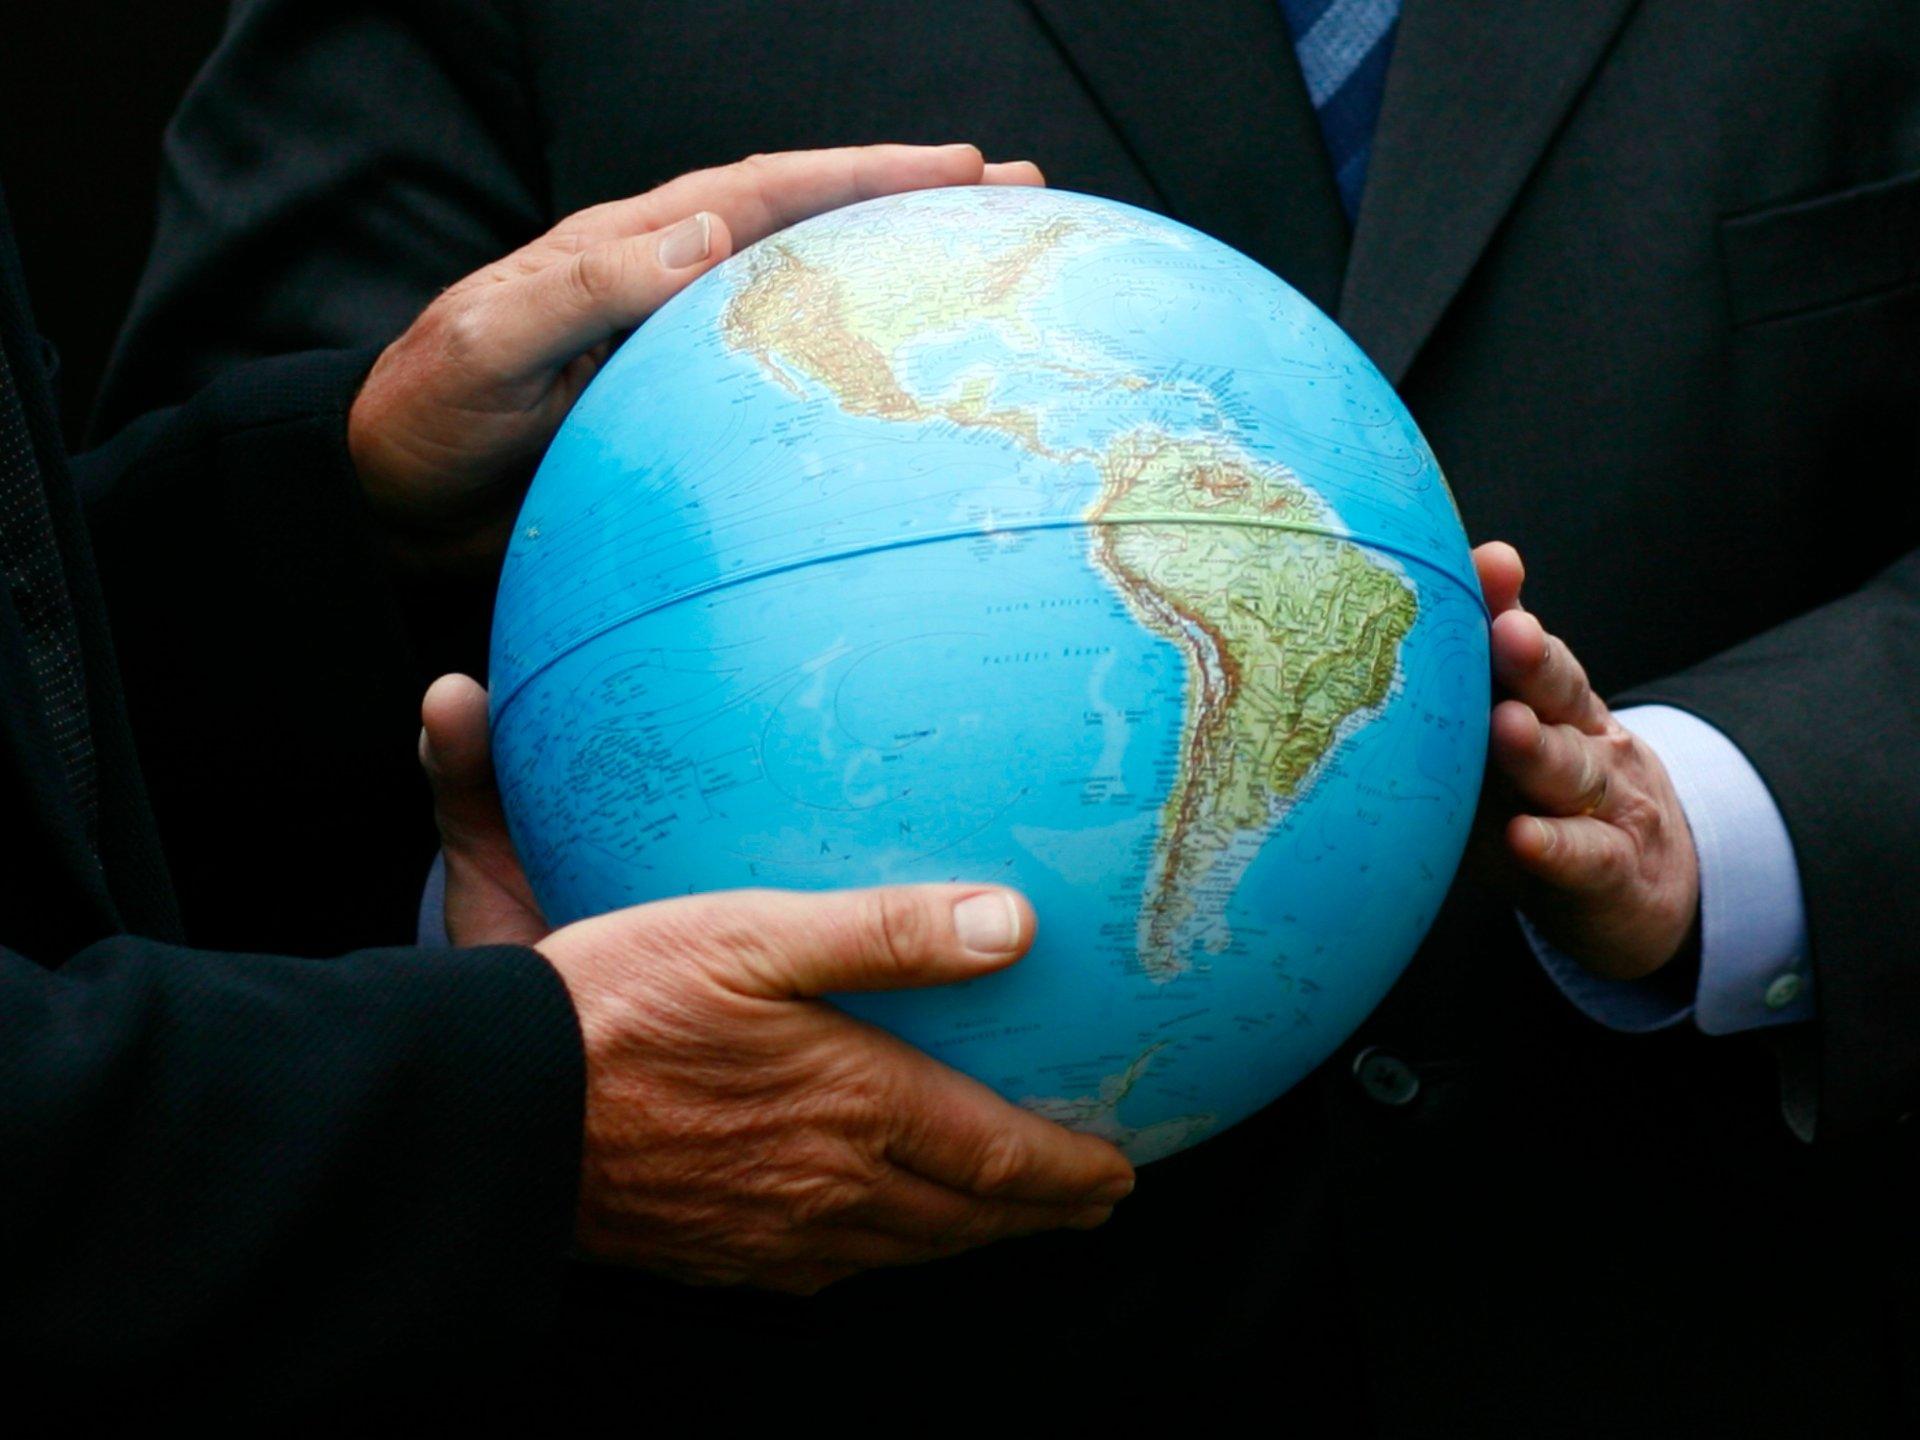 Геополитическое мироустройство станет темой круглого стола на площадке КС НКО